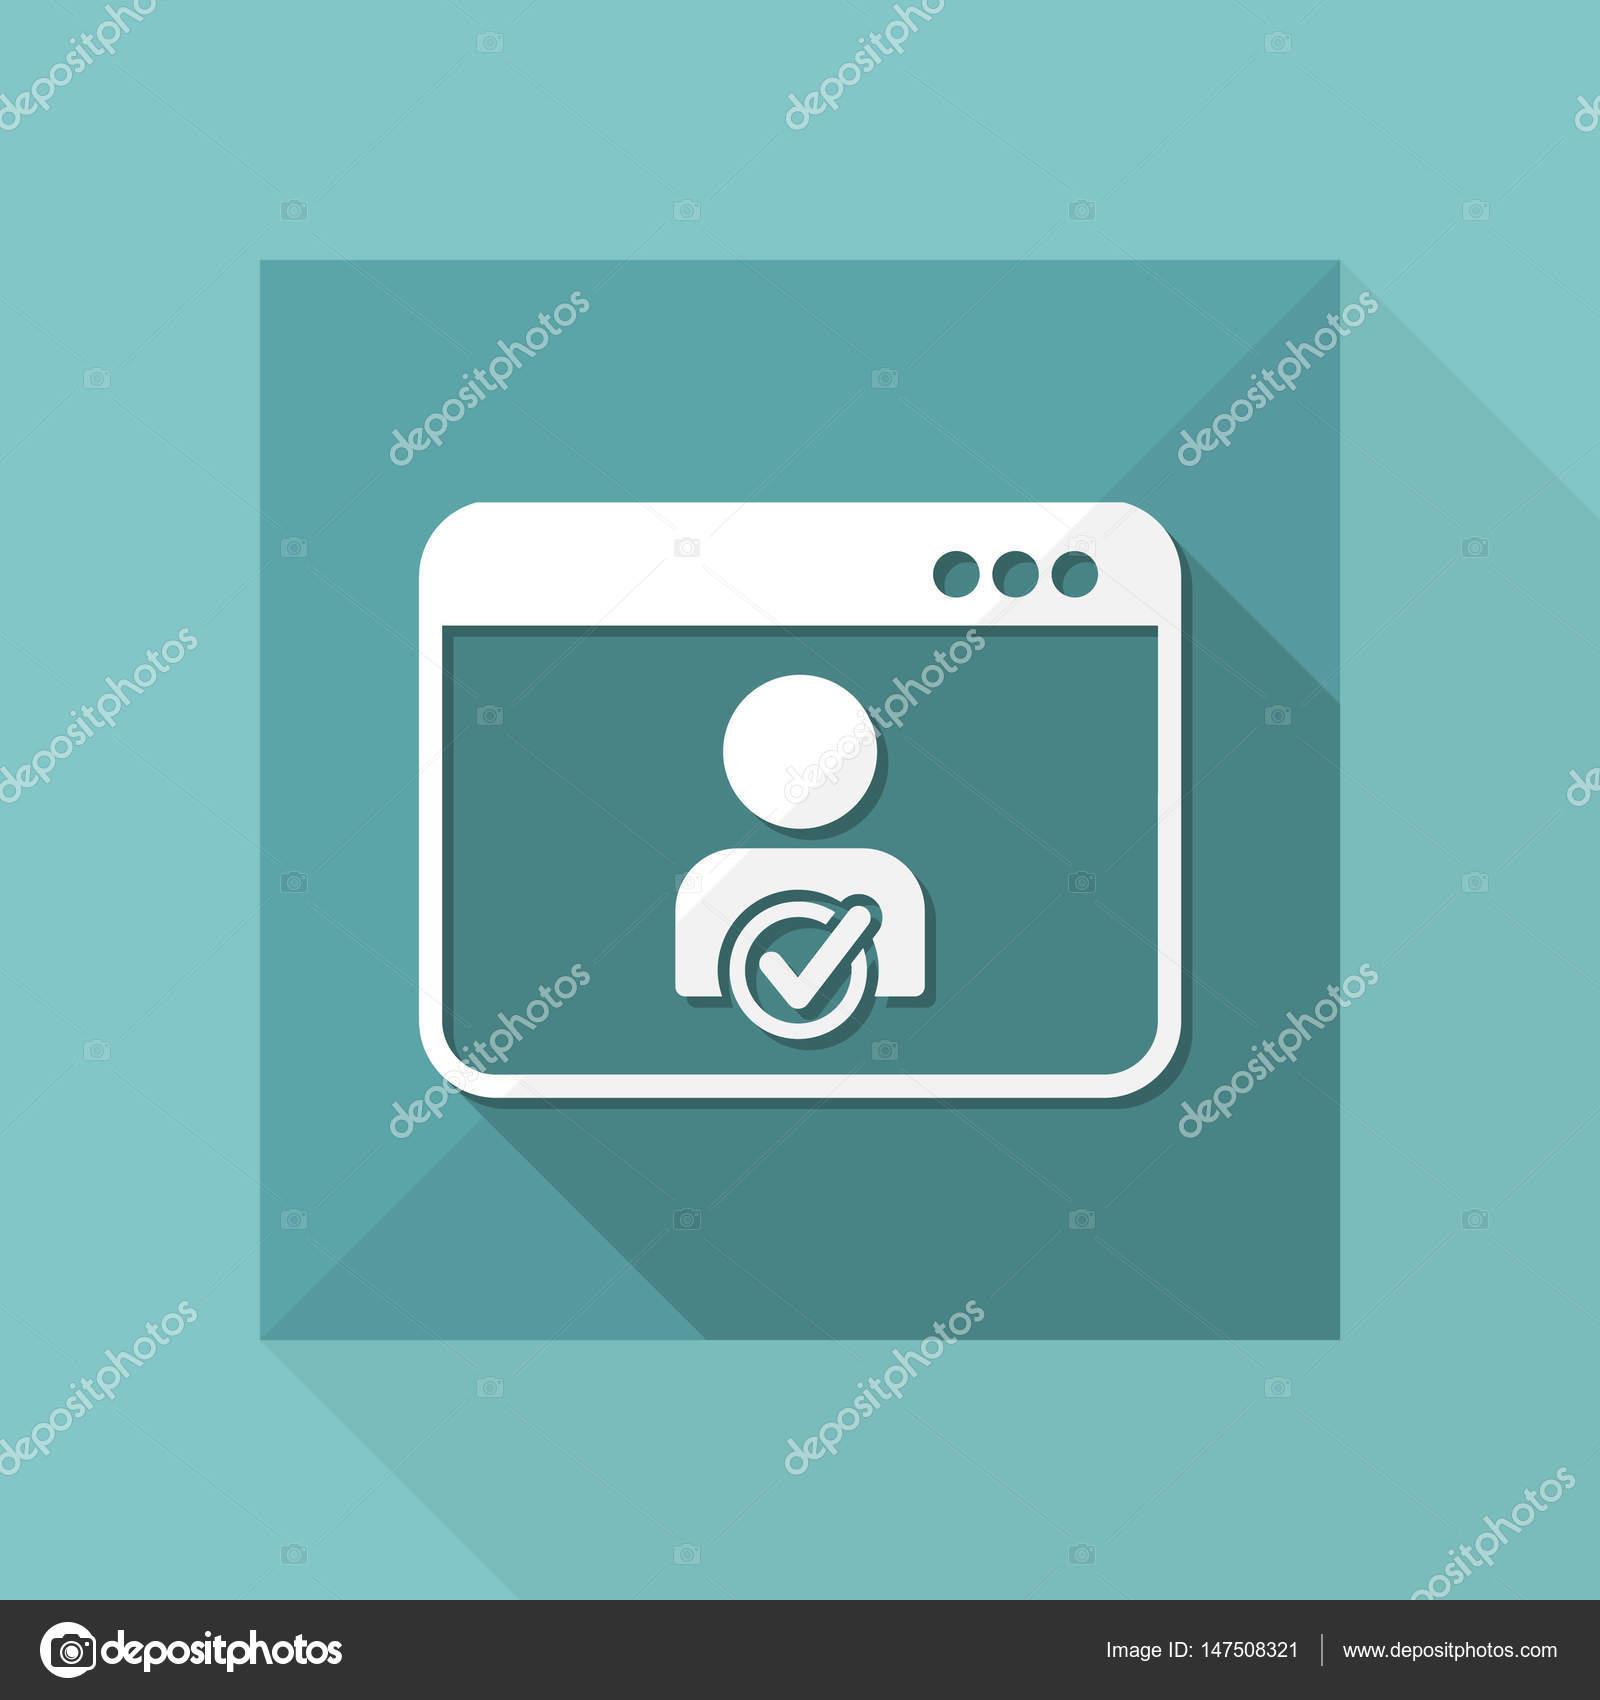 检查web 联系人-矢量图标– 图库插图